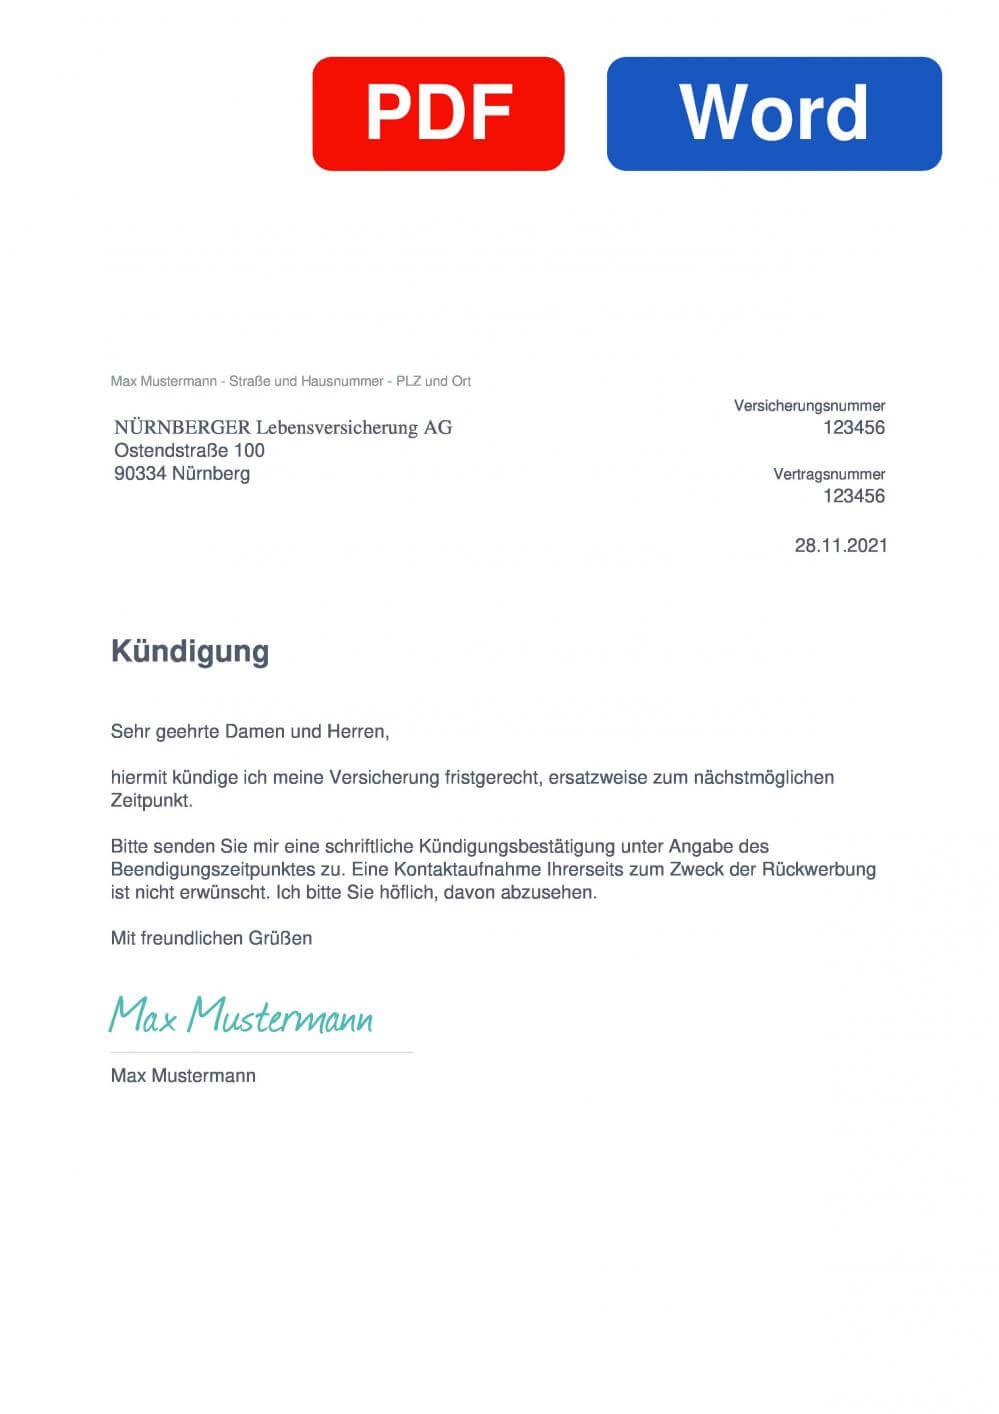 NÜRNBERGER Lebensversicherung Muster Vorlage für Kündigungsschreiben